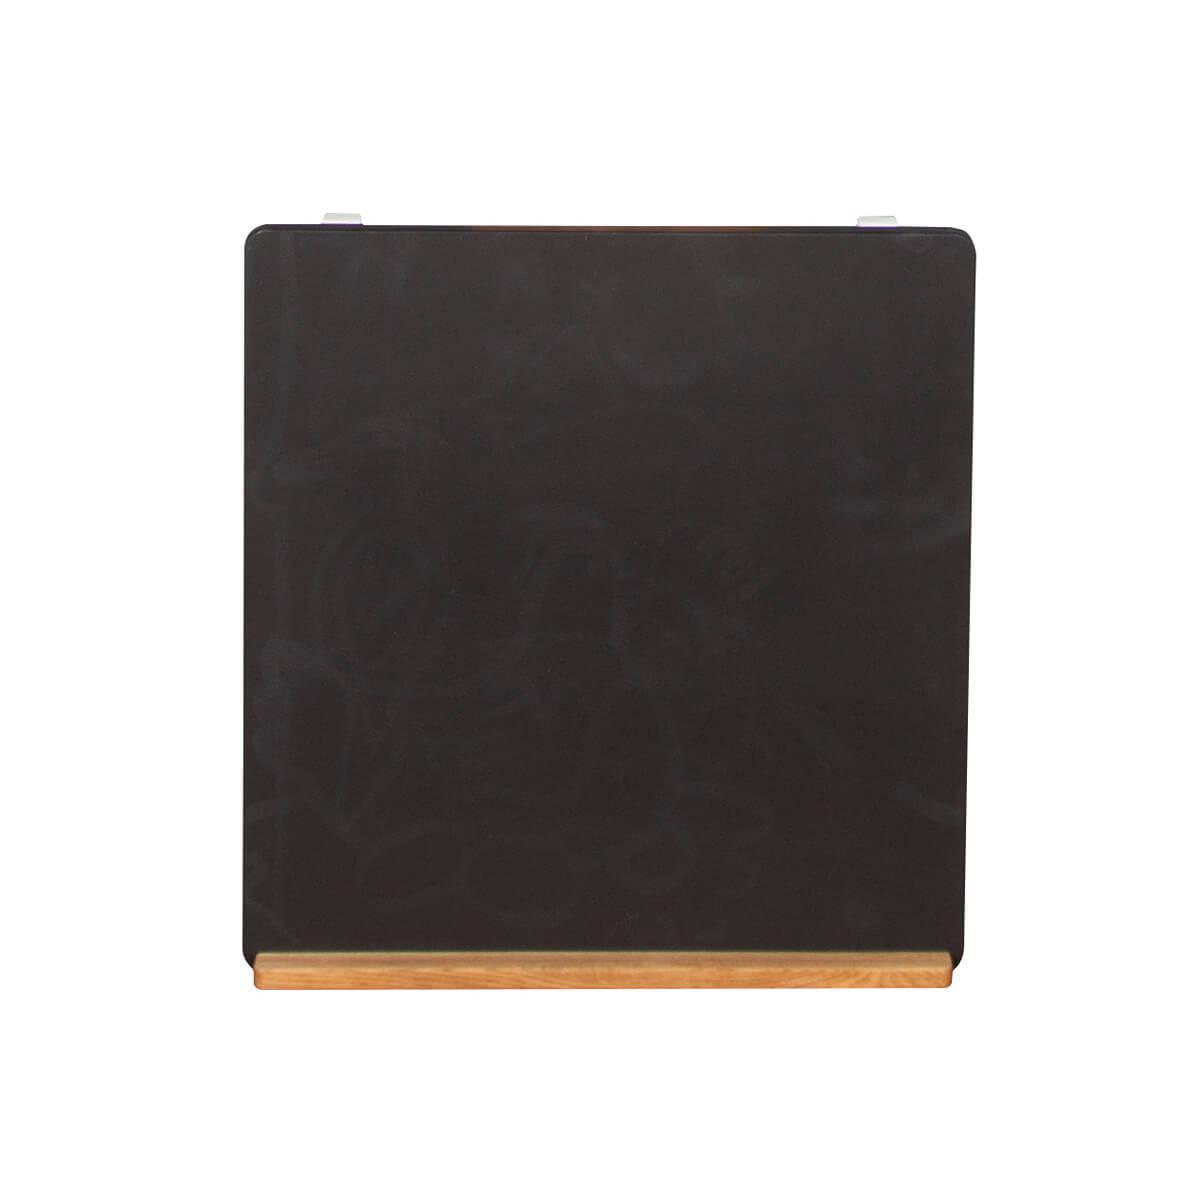 Tableau suspension KASVA Mdf tableau noir